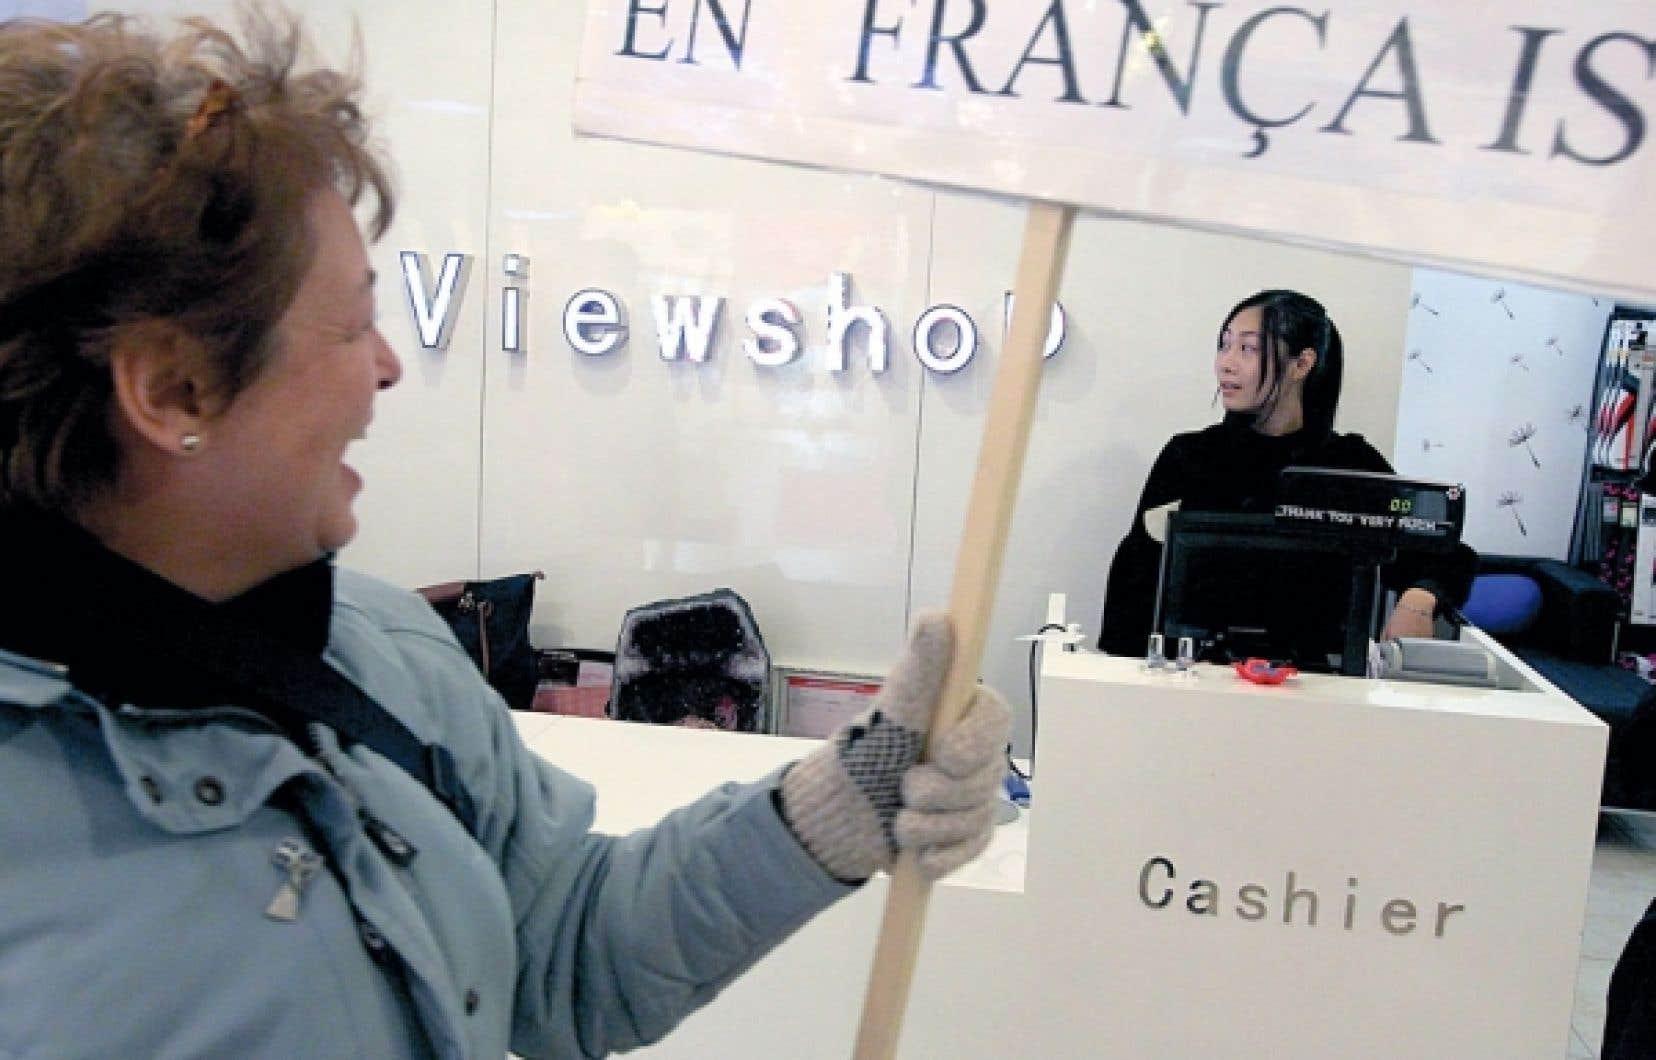 Manifestation pour un affichage en français dans les commerces de Montréal. Au Québec, la langue française est très vulnérable à partir du moment où on ne se préoccupe plus de lui donner la priorité chez nous, affirme l'auteur.